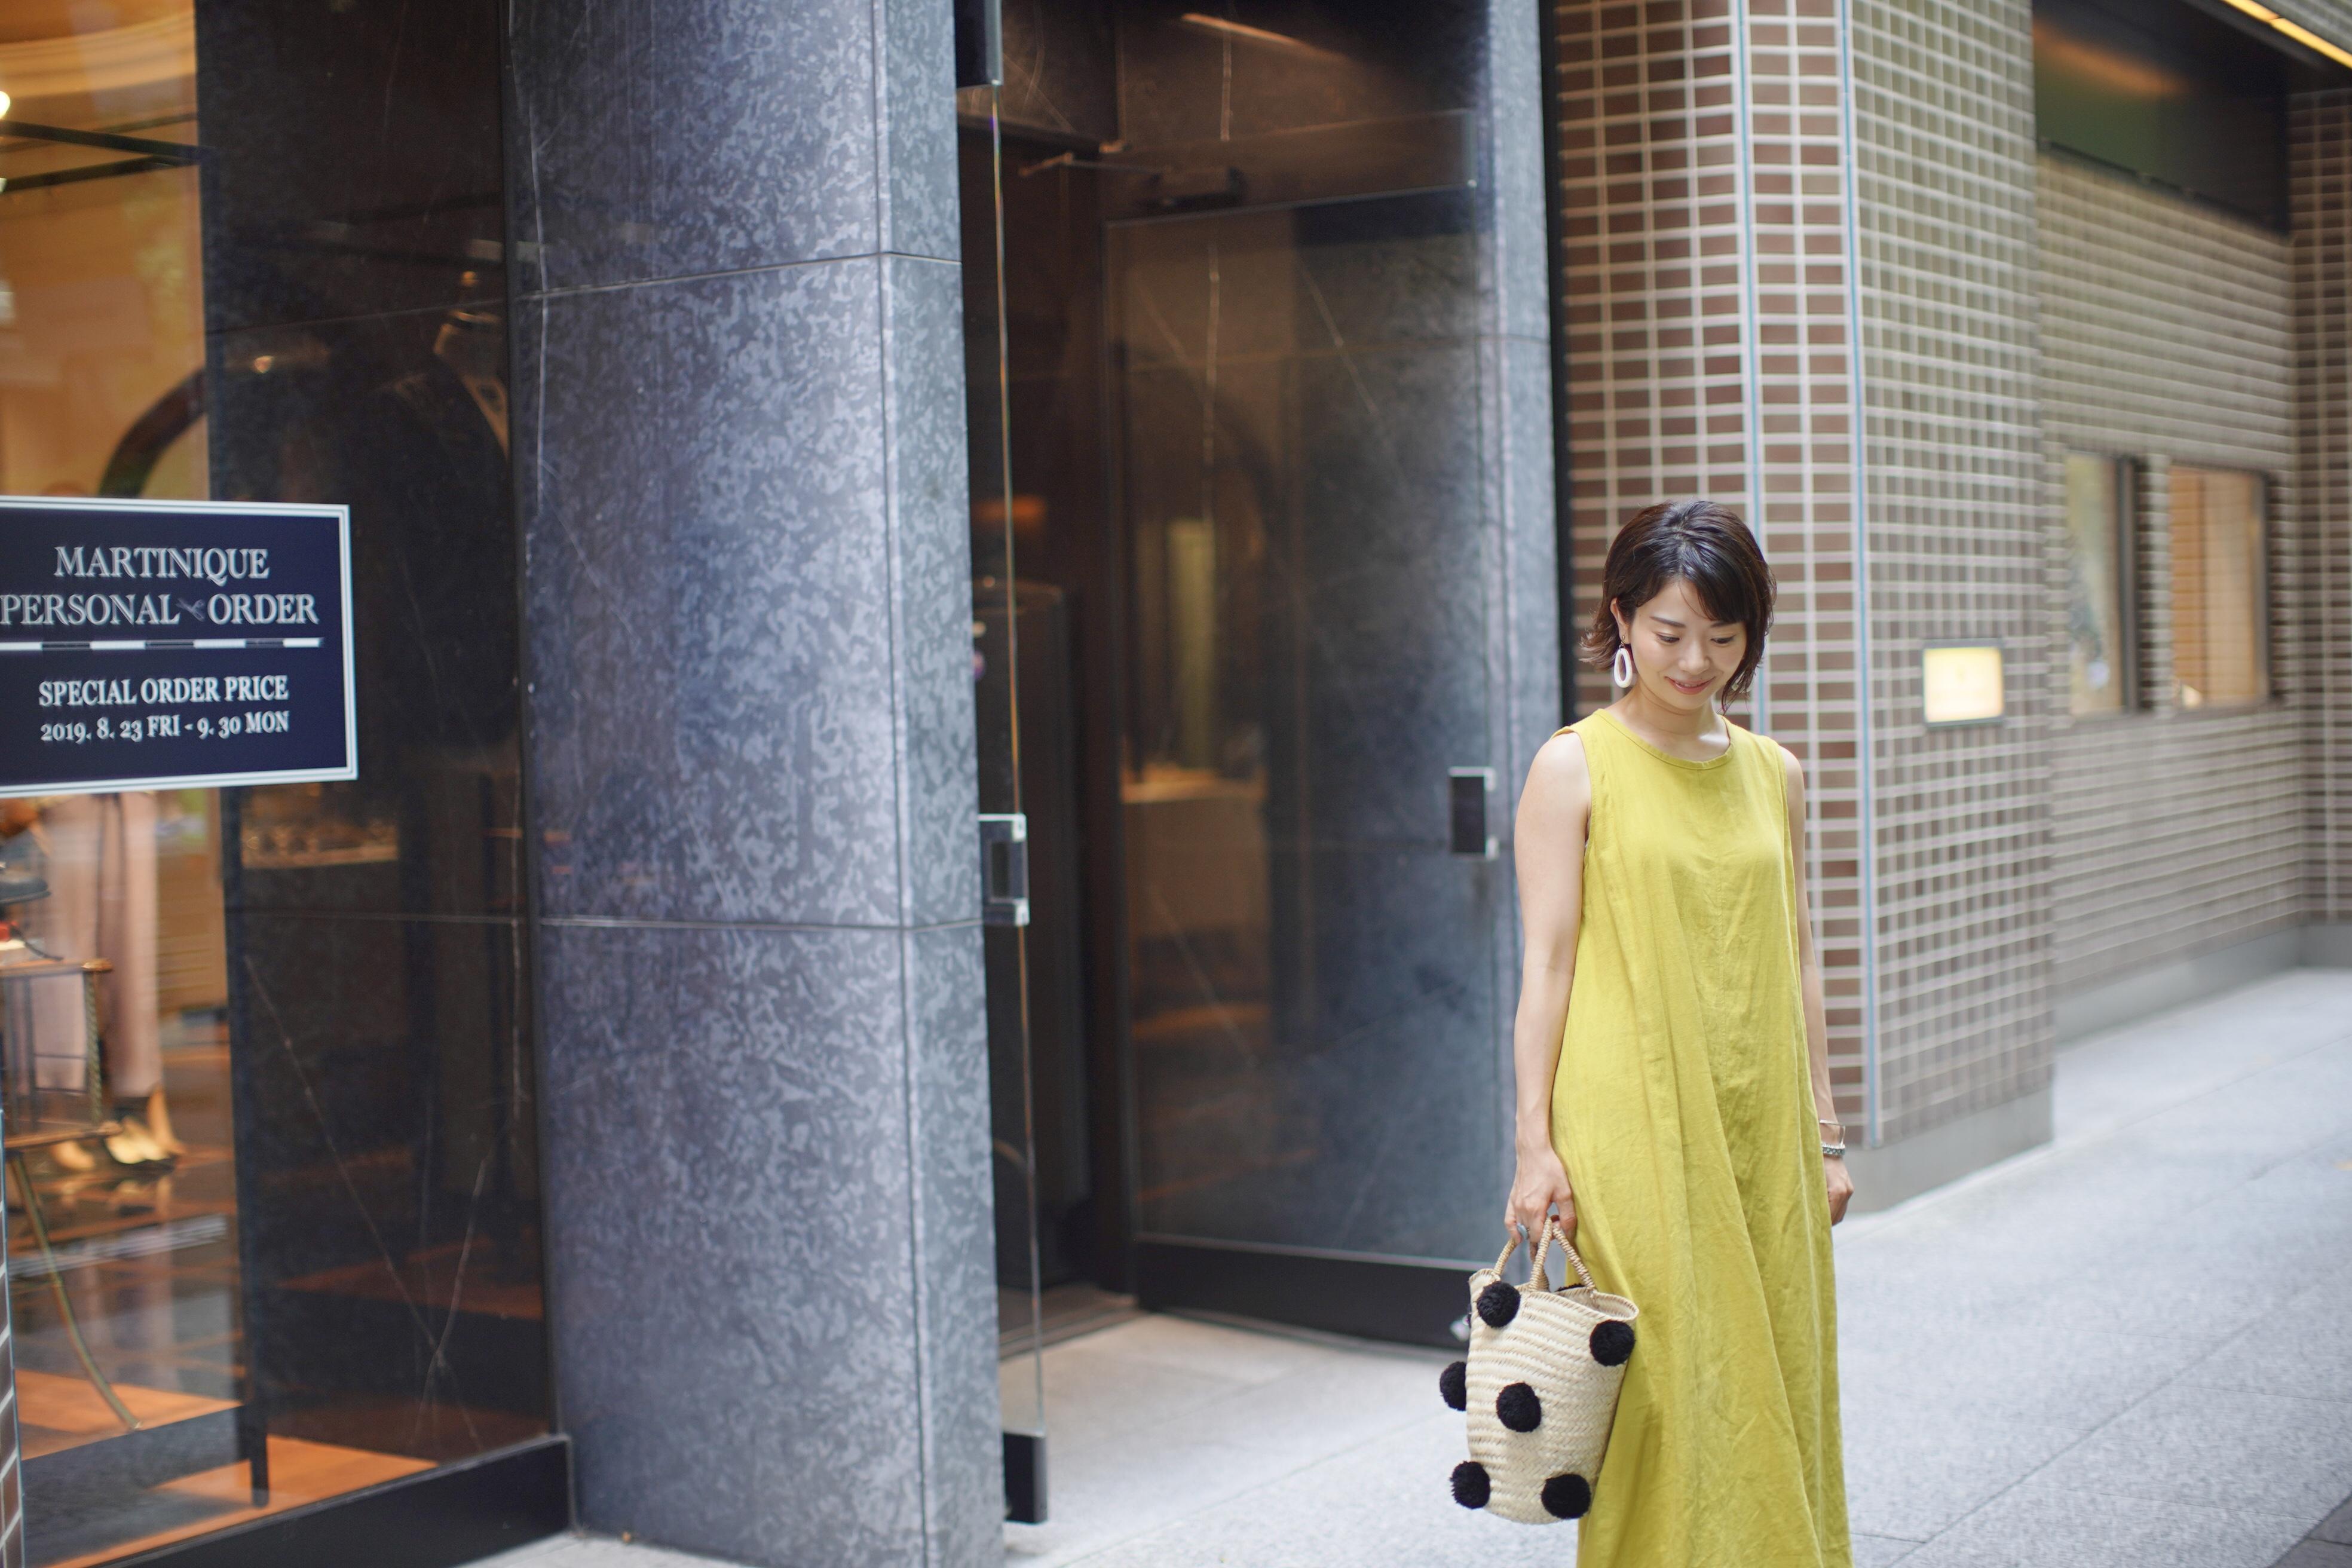 【横浜/桜木町】-noa-  顔タイプ診断・パーソナルカラー・骨格診断・メイクレッスン・オンライン顔タイプ診断・イメージコンサルティング